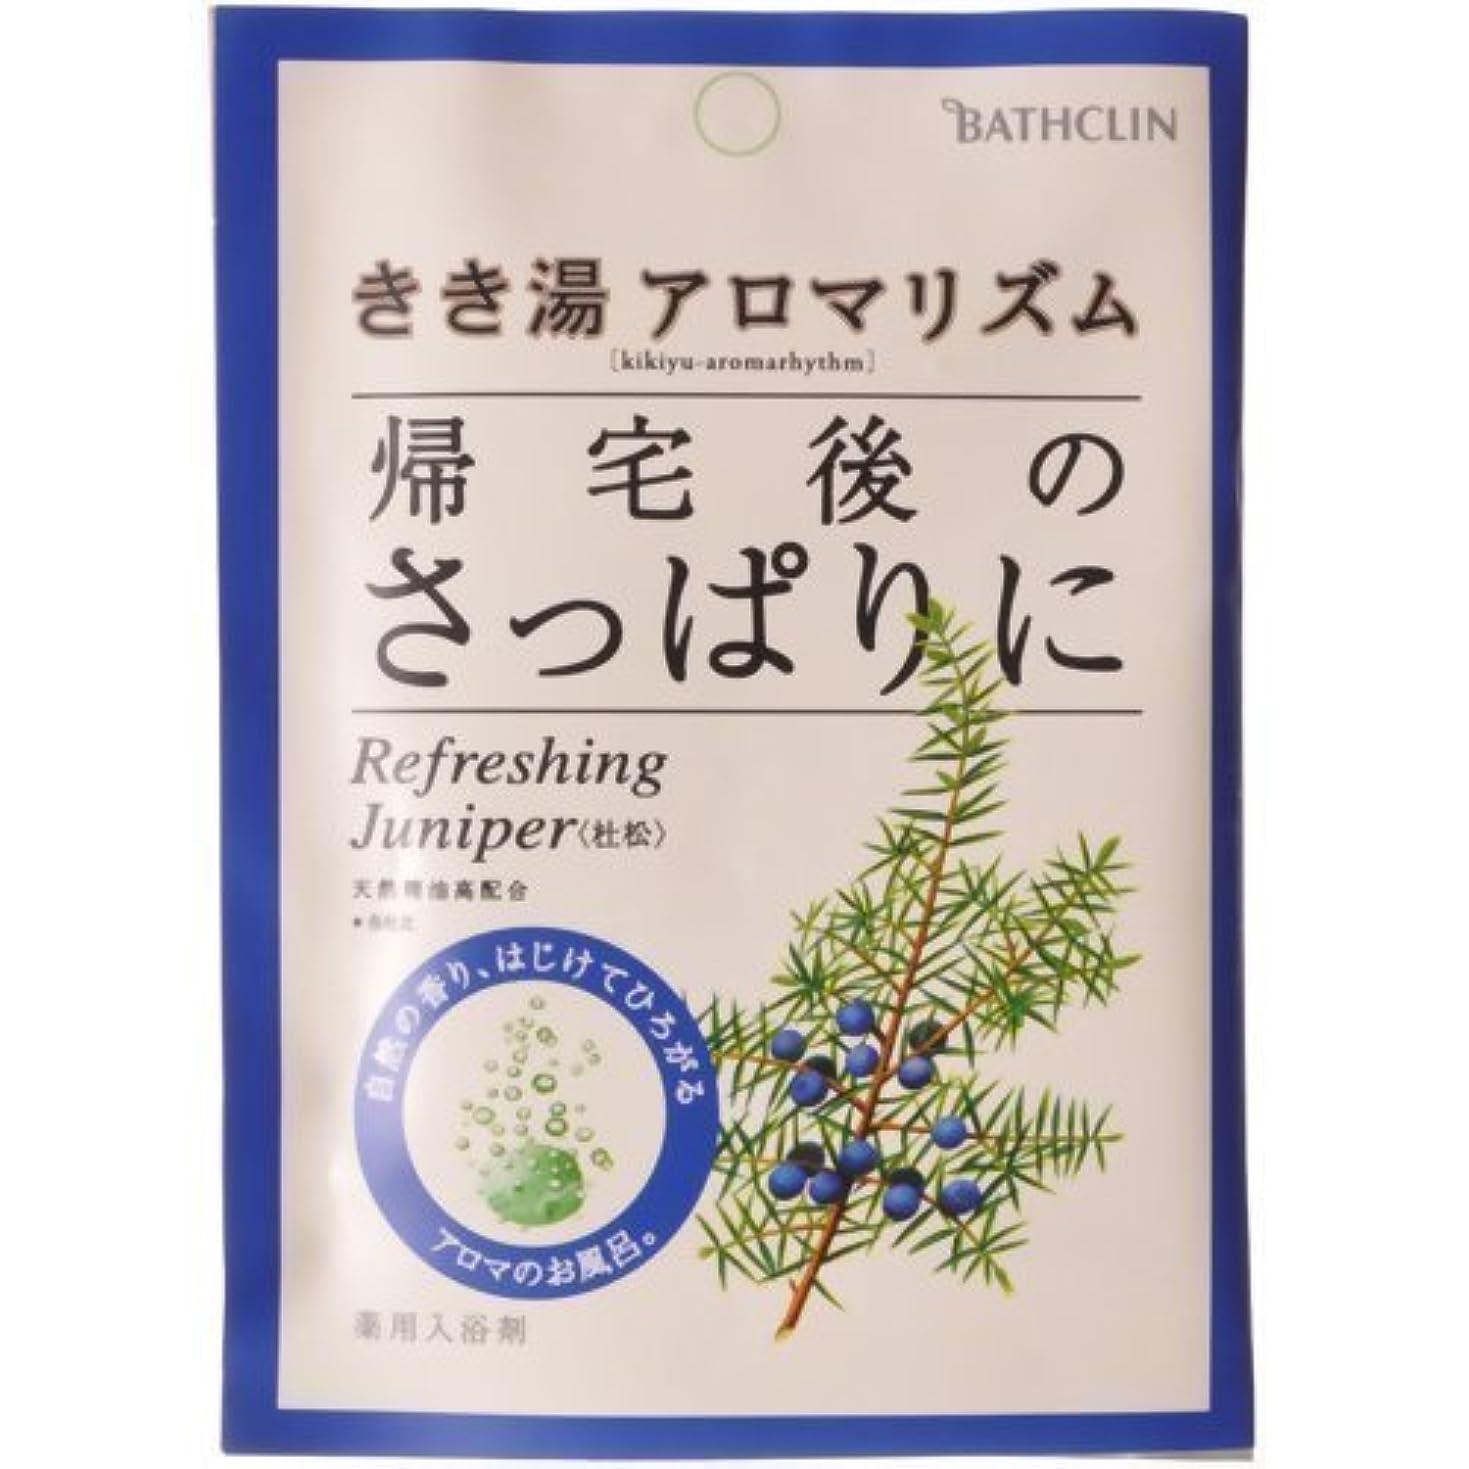 ディレクタータイル特別にきき湯 アロマリズム リフレッシュジュニパーの香り 30g